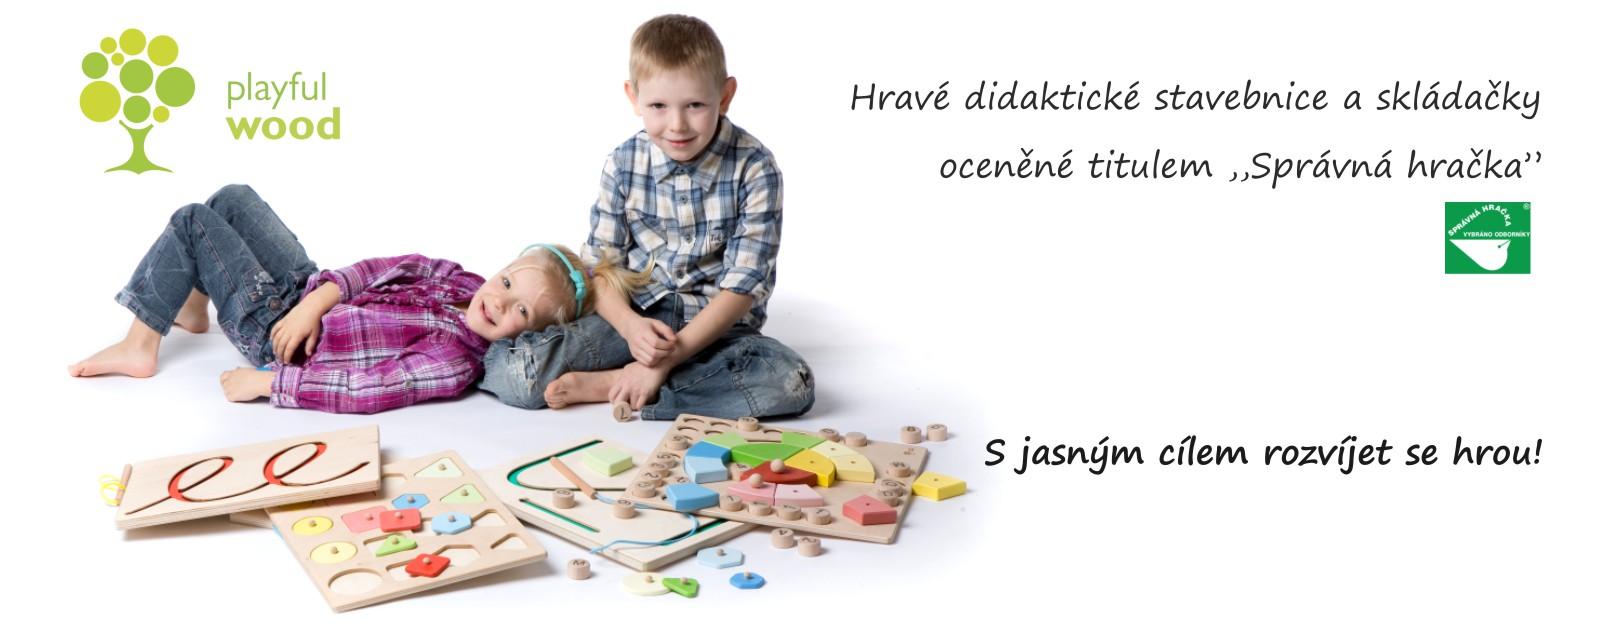 skládačky a stavebnice vyrobené pro děti - montessori - dřevo dětem